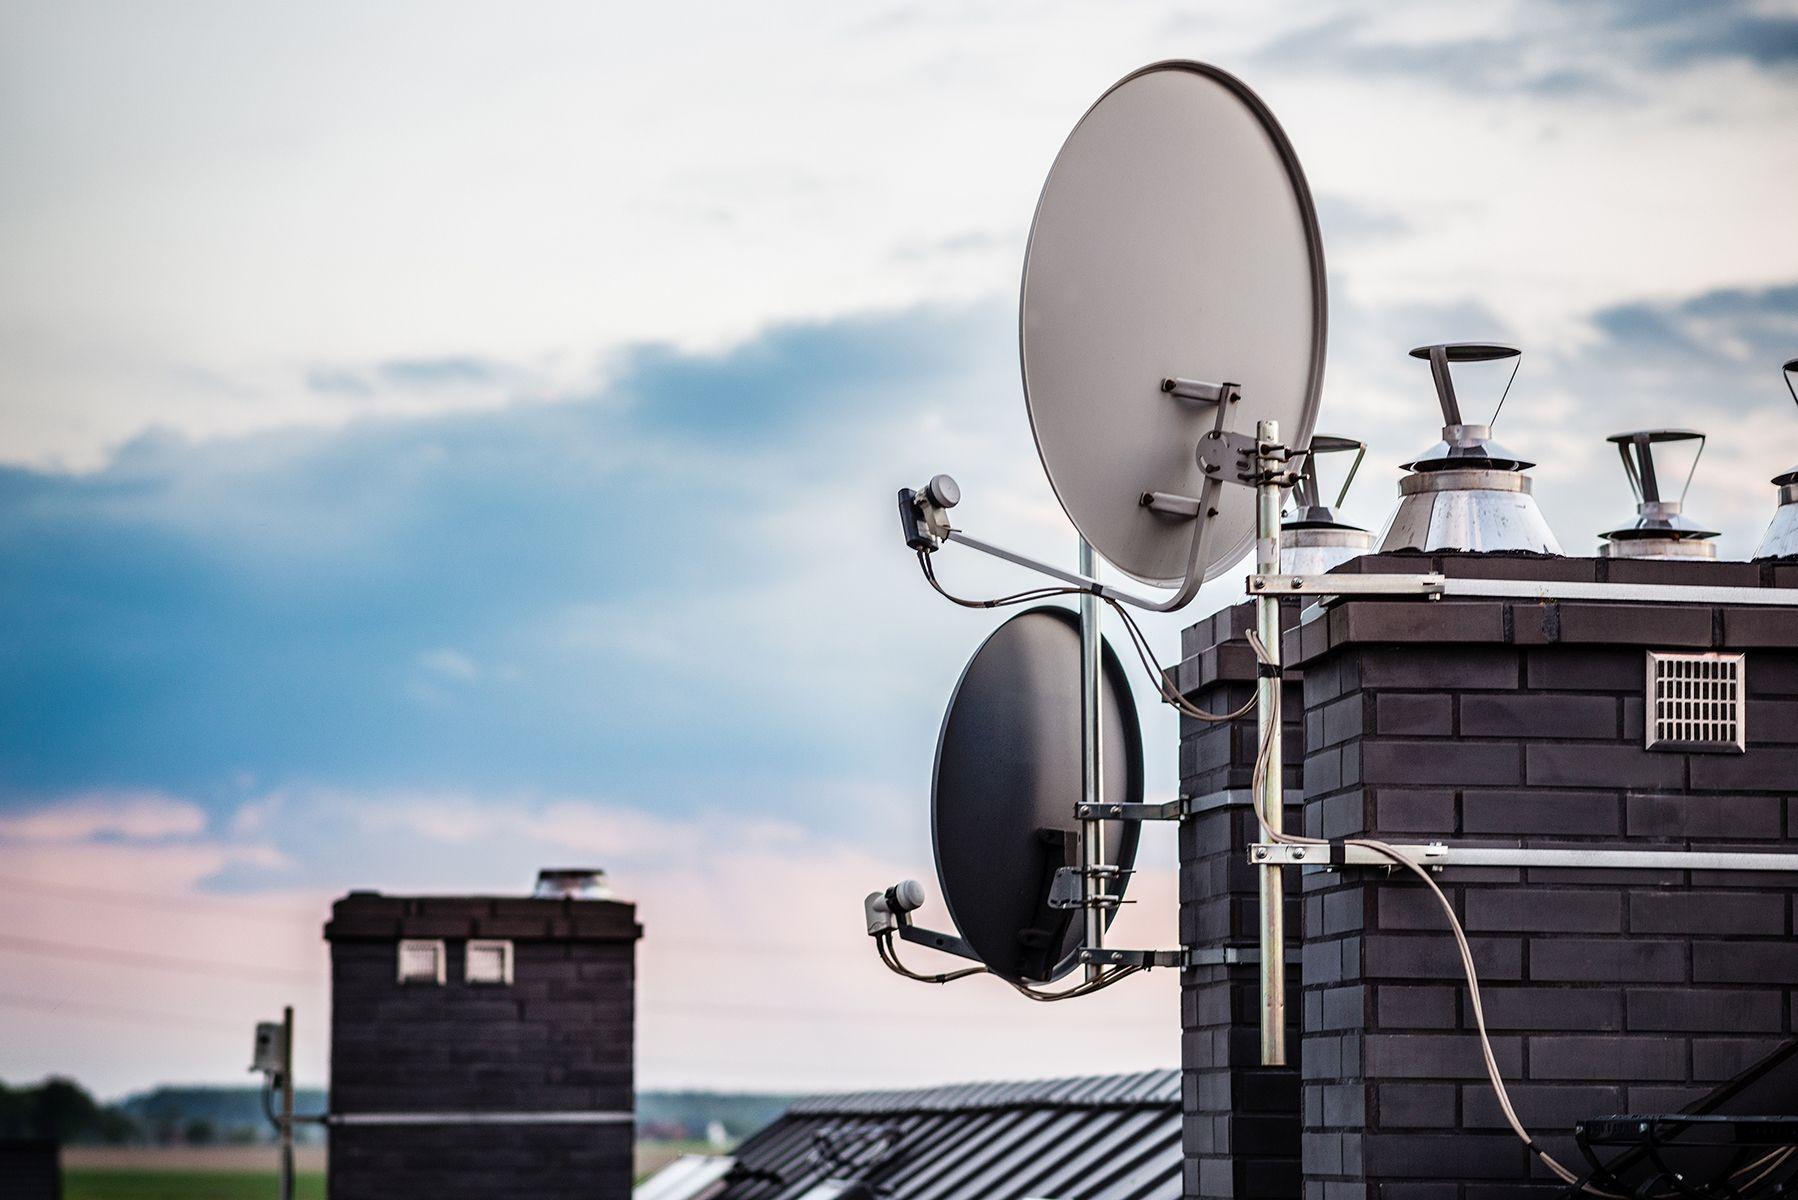 Instalación antenas Barcelona